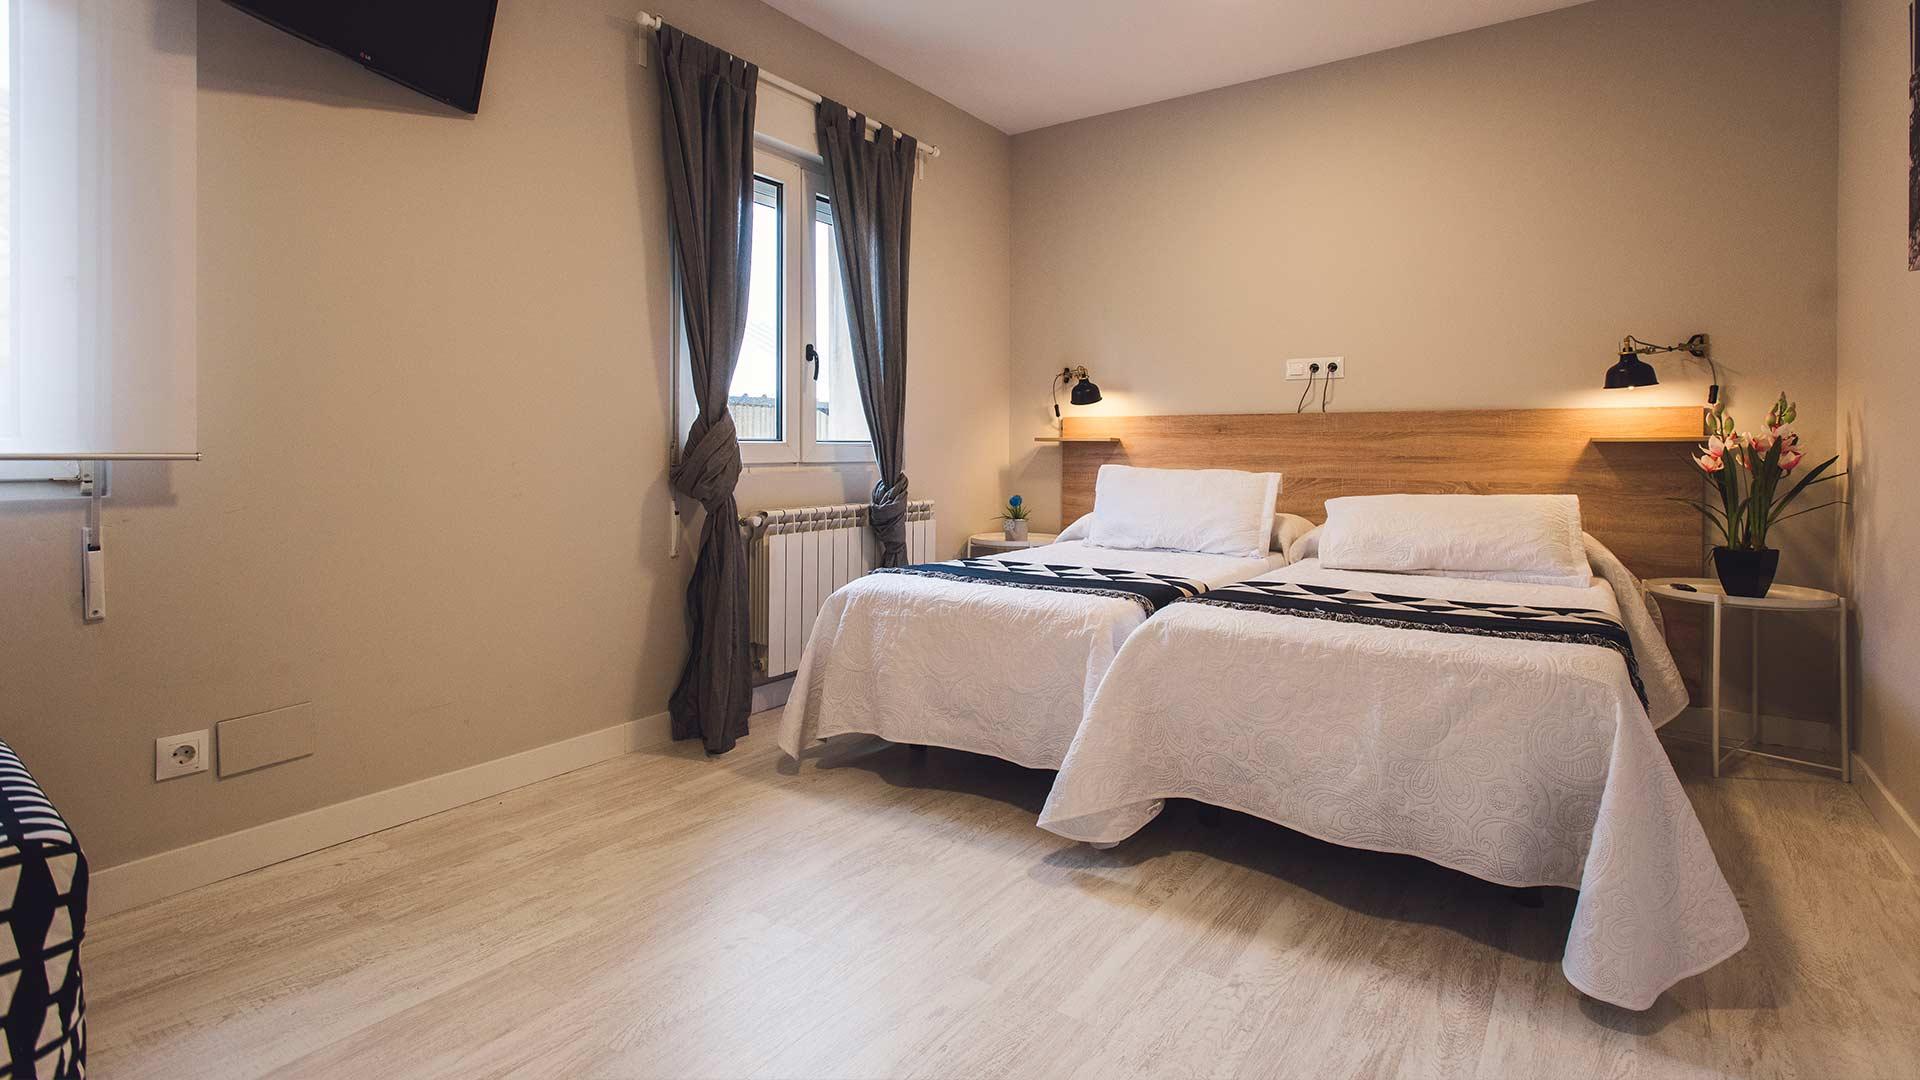 apartamentos river santander cama dormitorio